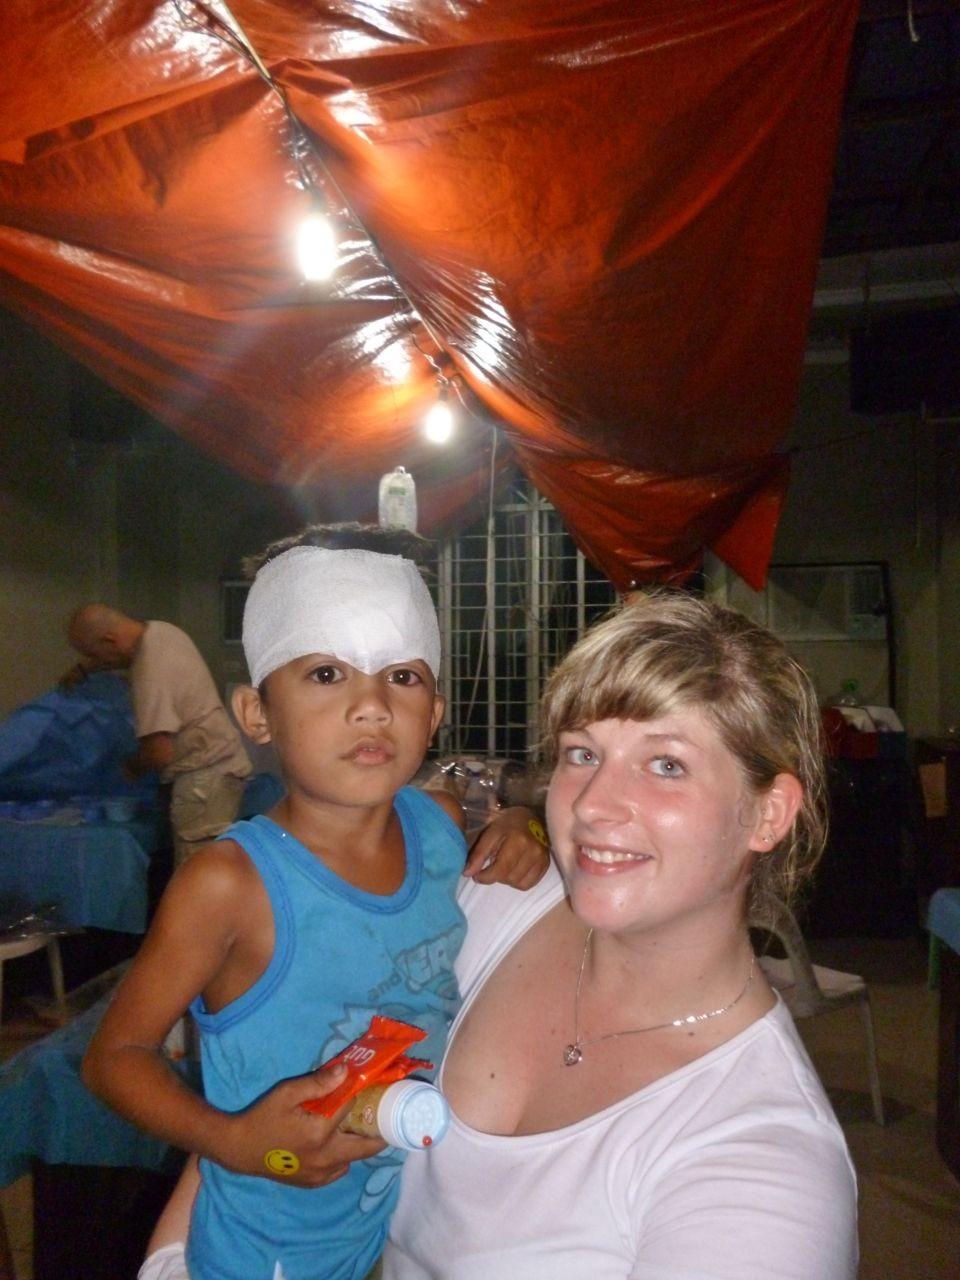 Samantha mit einem kleinen Patienten